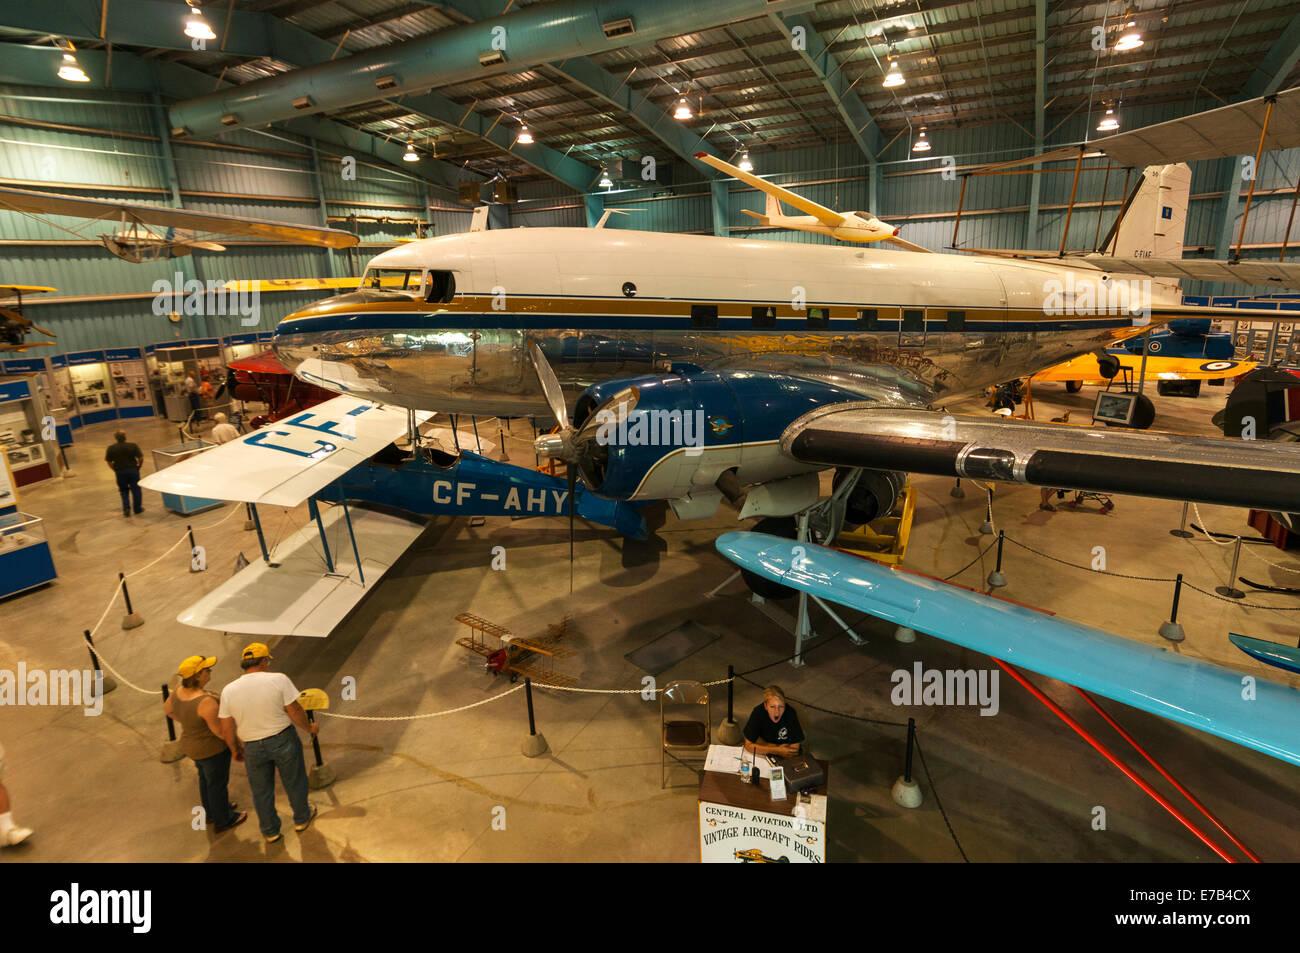 Elk203-5691 Canada, Alberta, Wetaskiwin, Reynolds-Alberta Museum, vintage airplanes - Stock Image